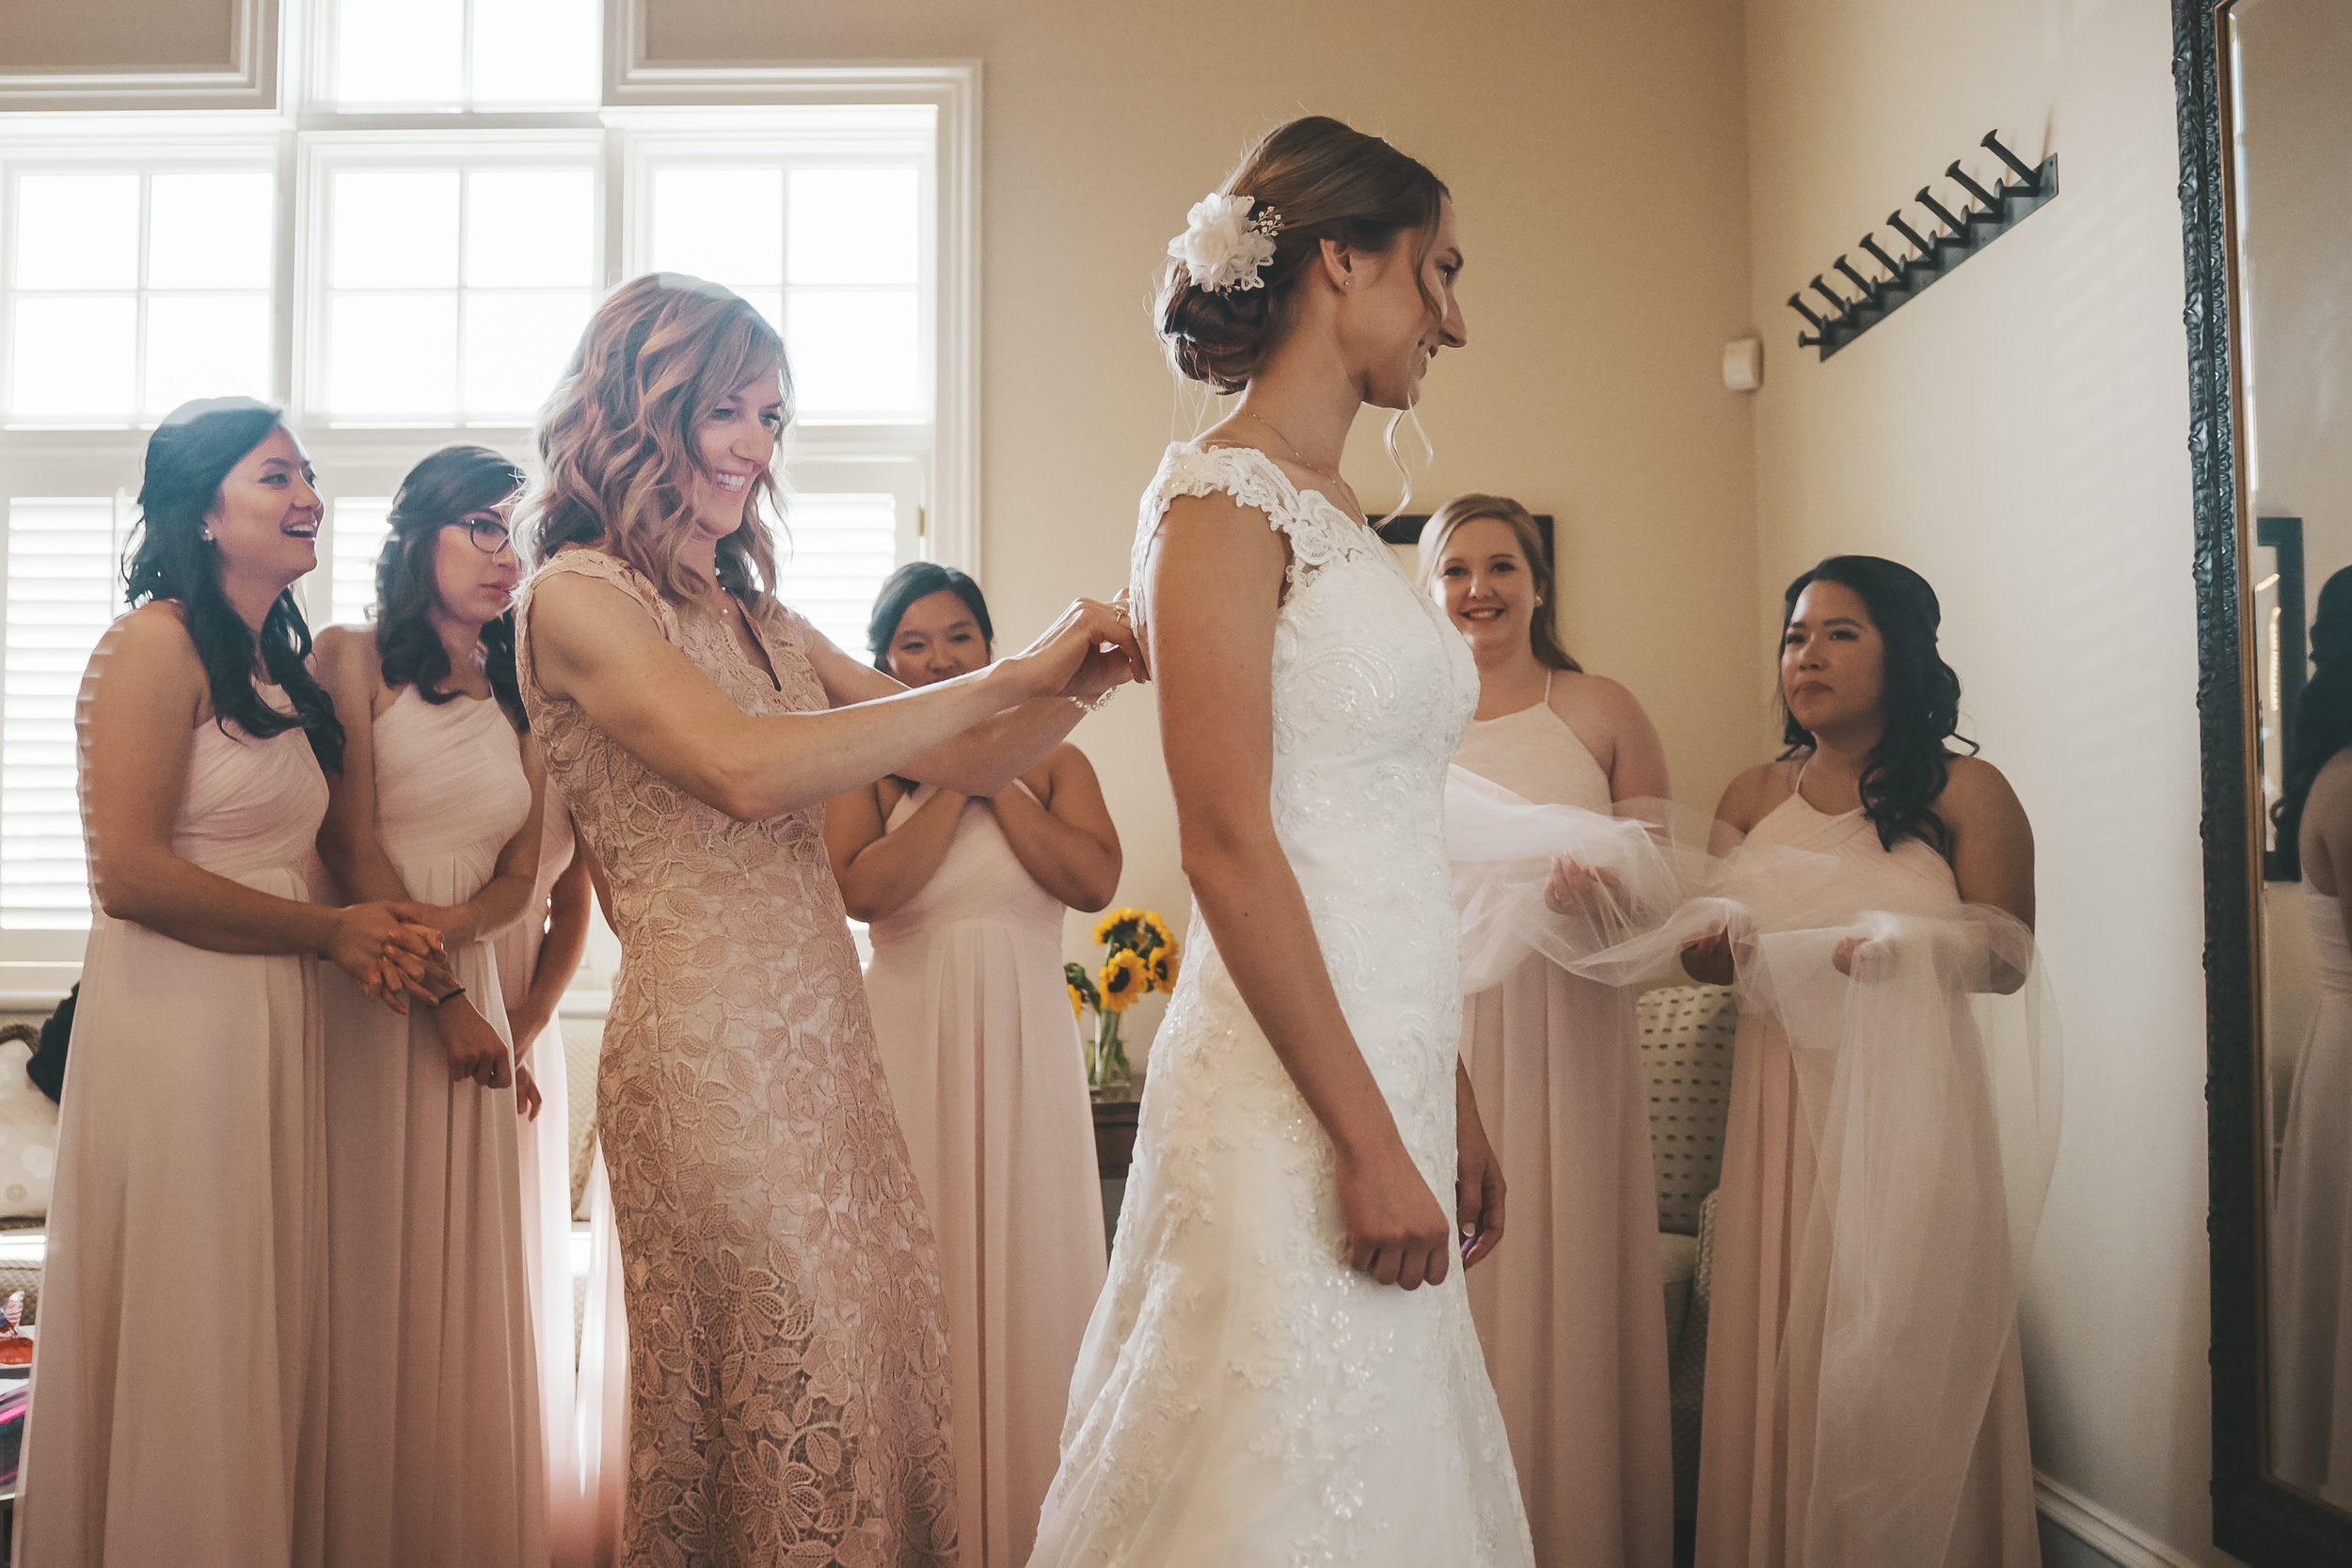 Robinswood House Wedding | Seattle Wedding Videography | newlyfilms.com